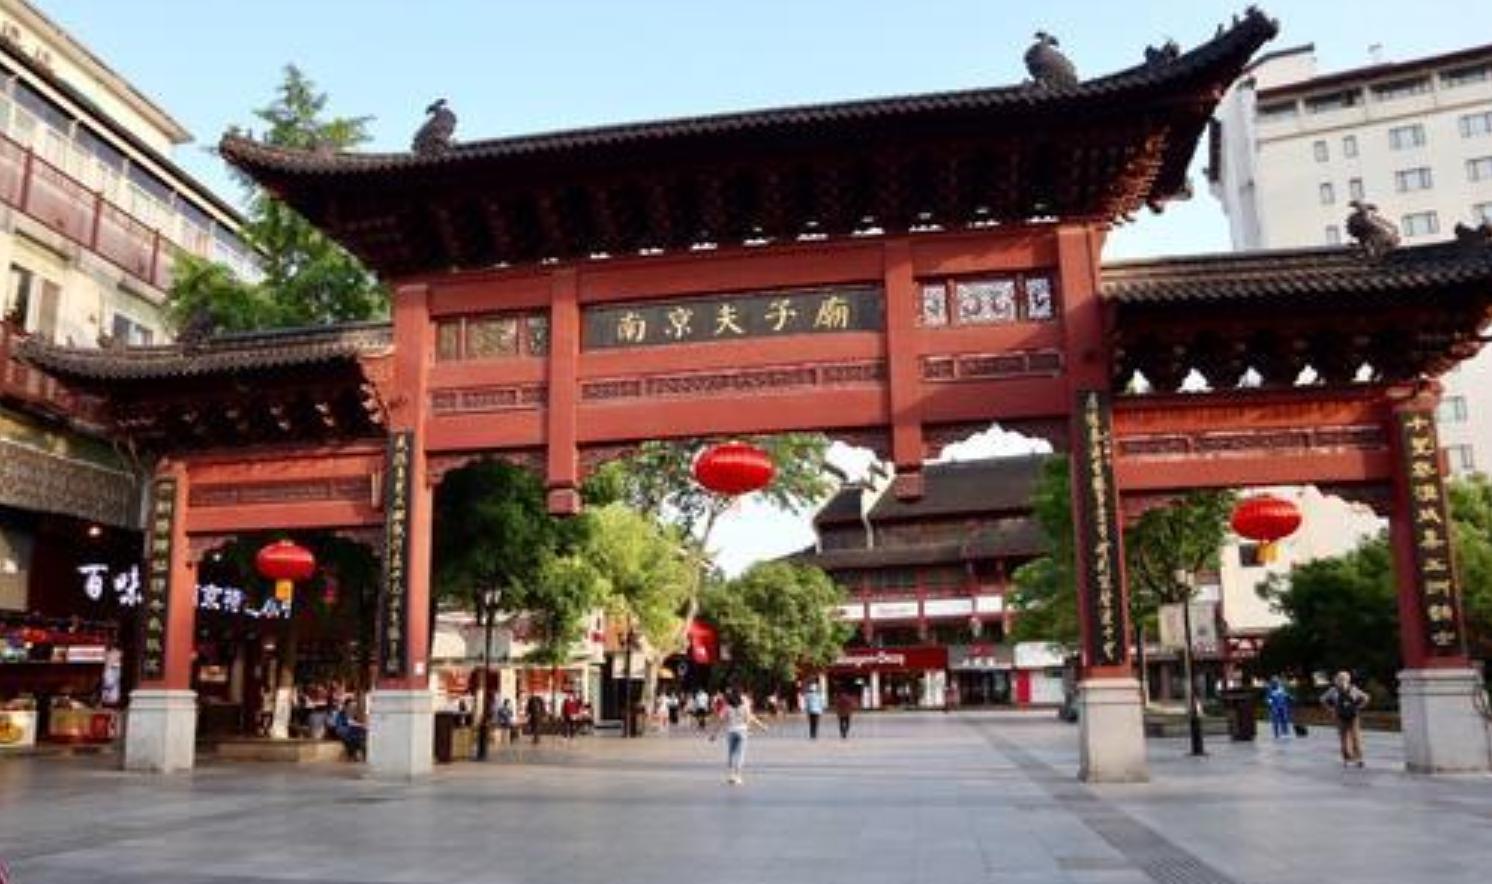 女子穿和服逛南京夫子庙,网友:能不能好好当个人?